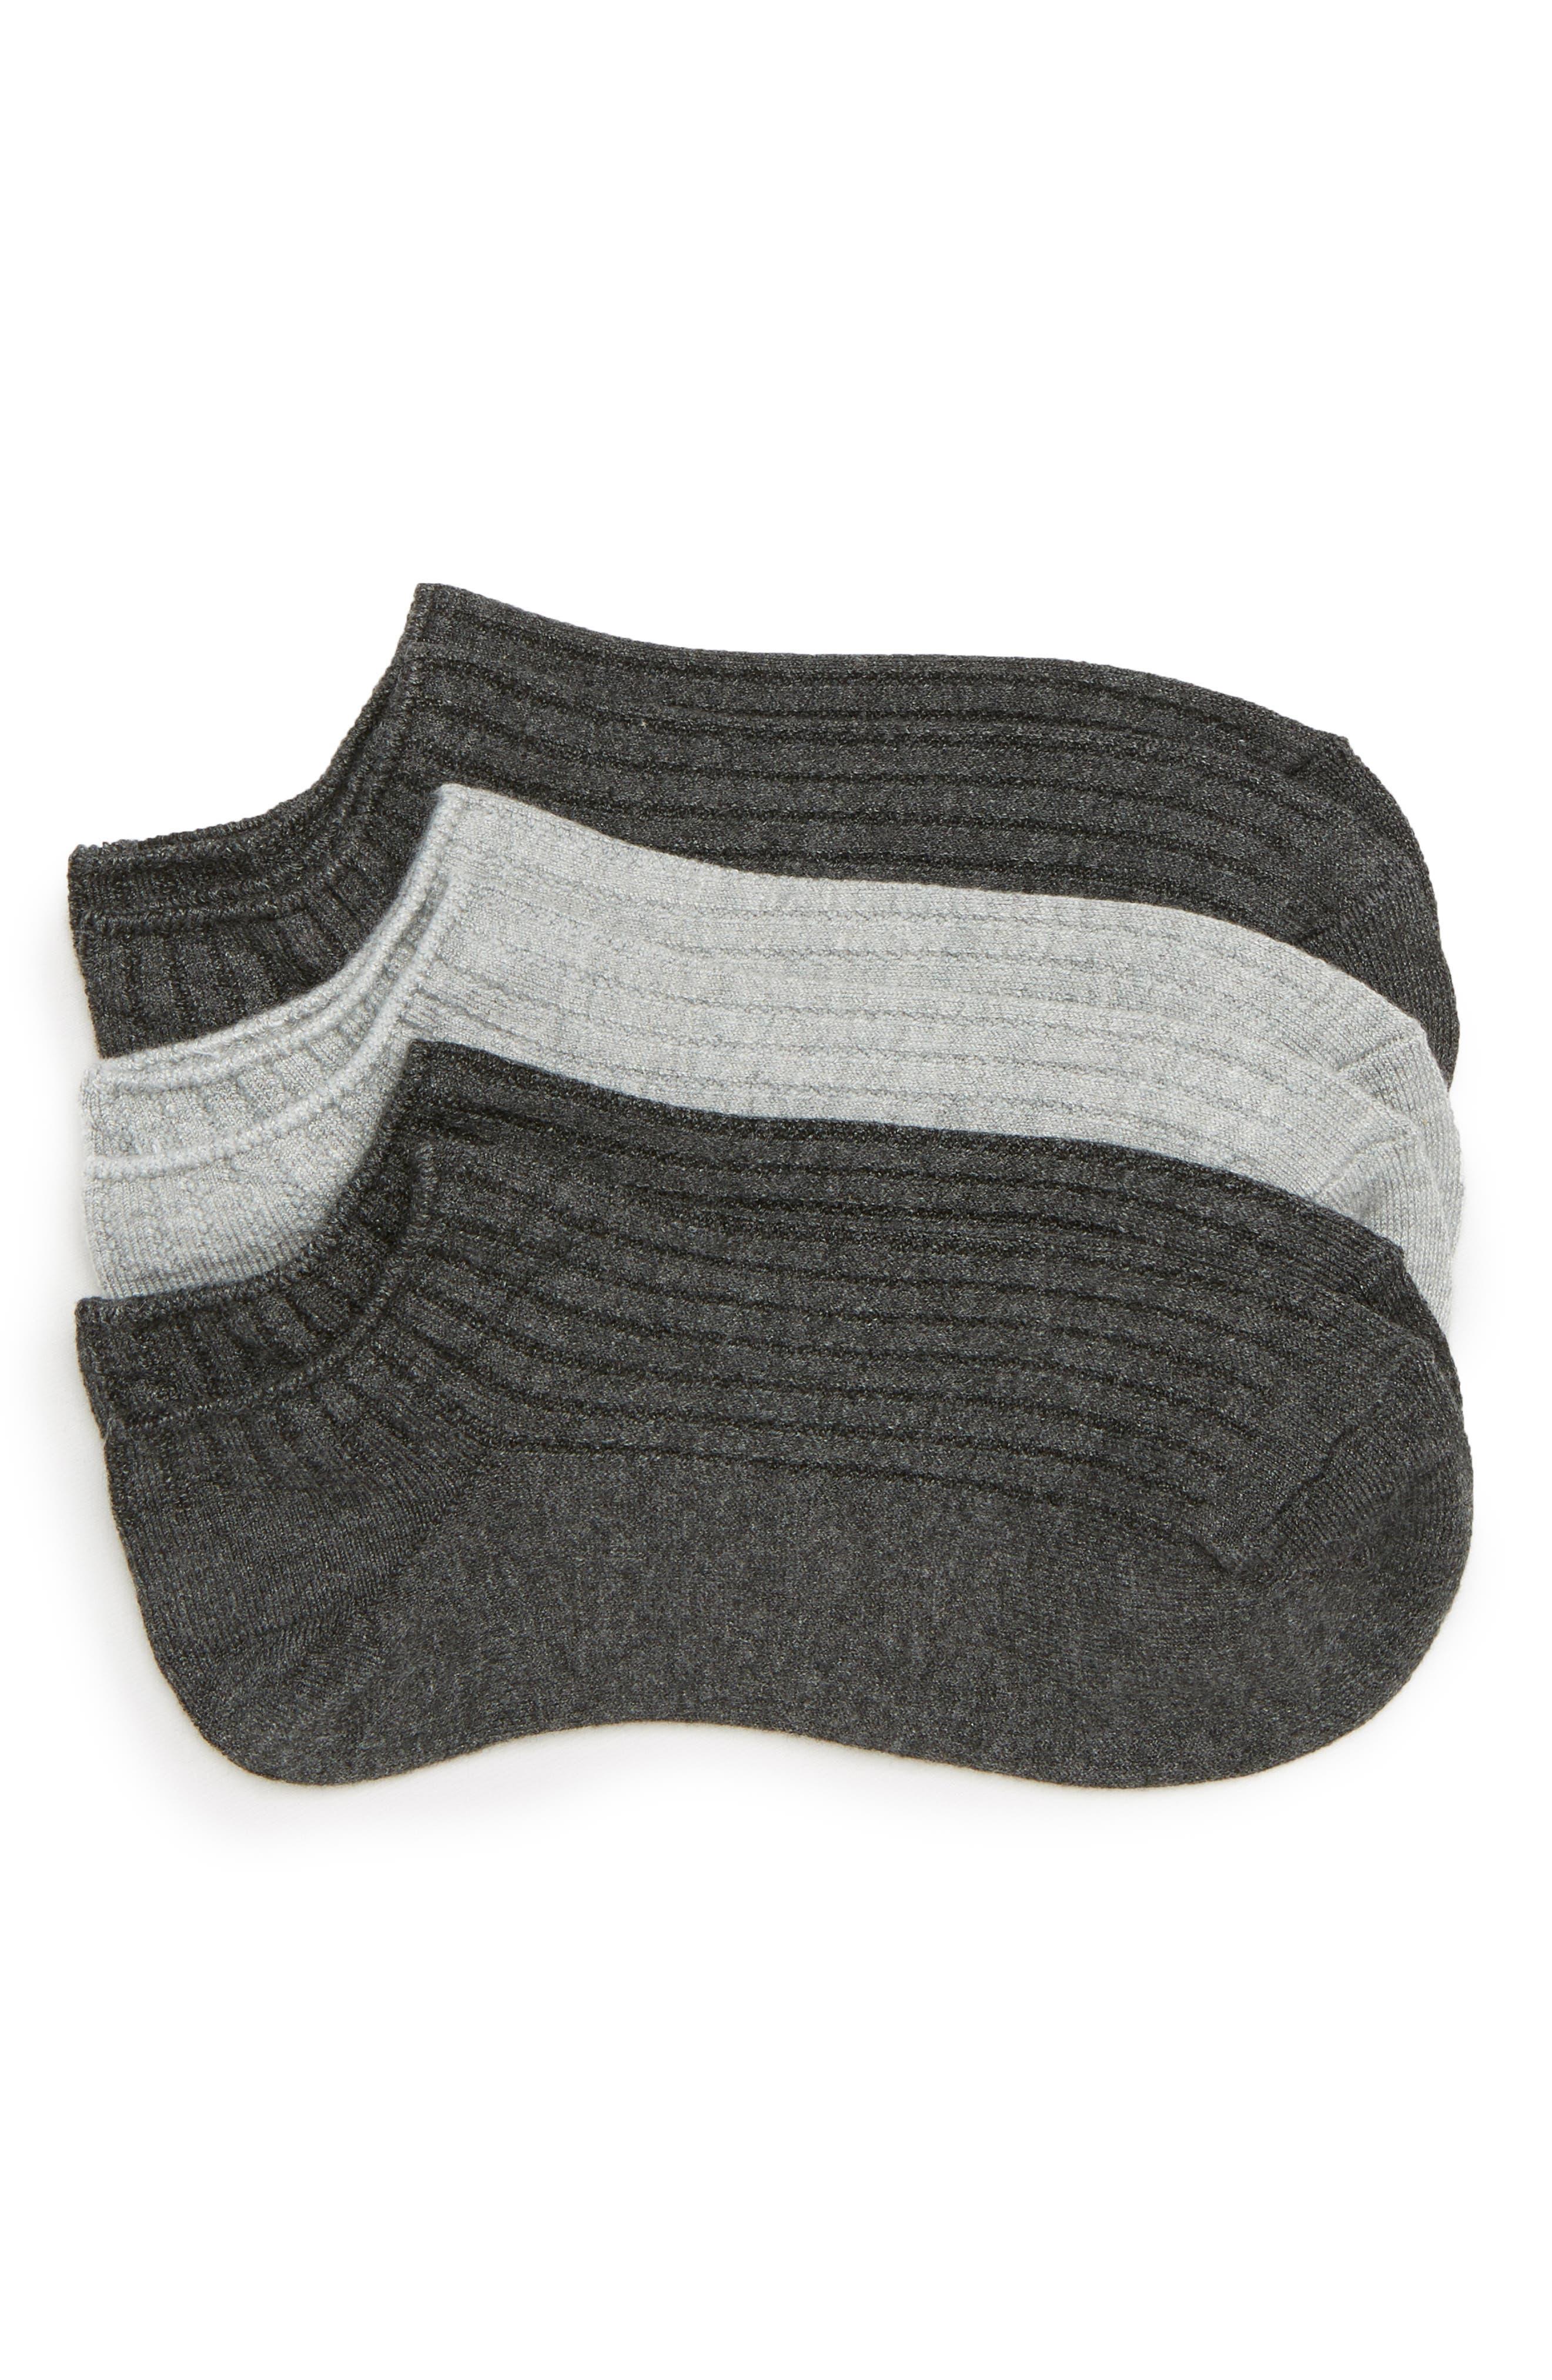 3-Pack No-Show Socks,                             Main thumbnail 1, color,                             Smoke